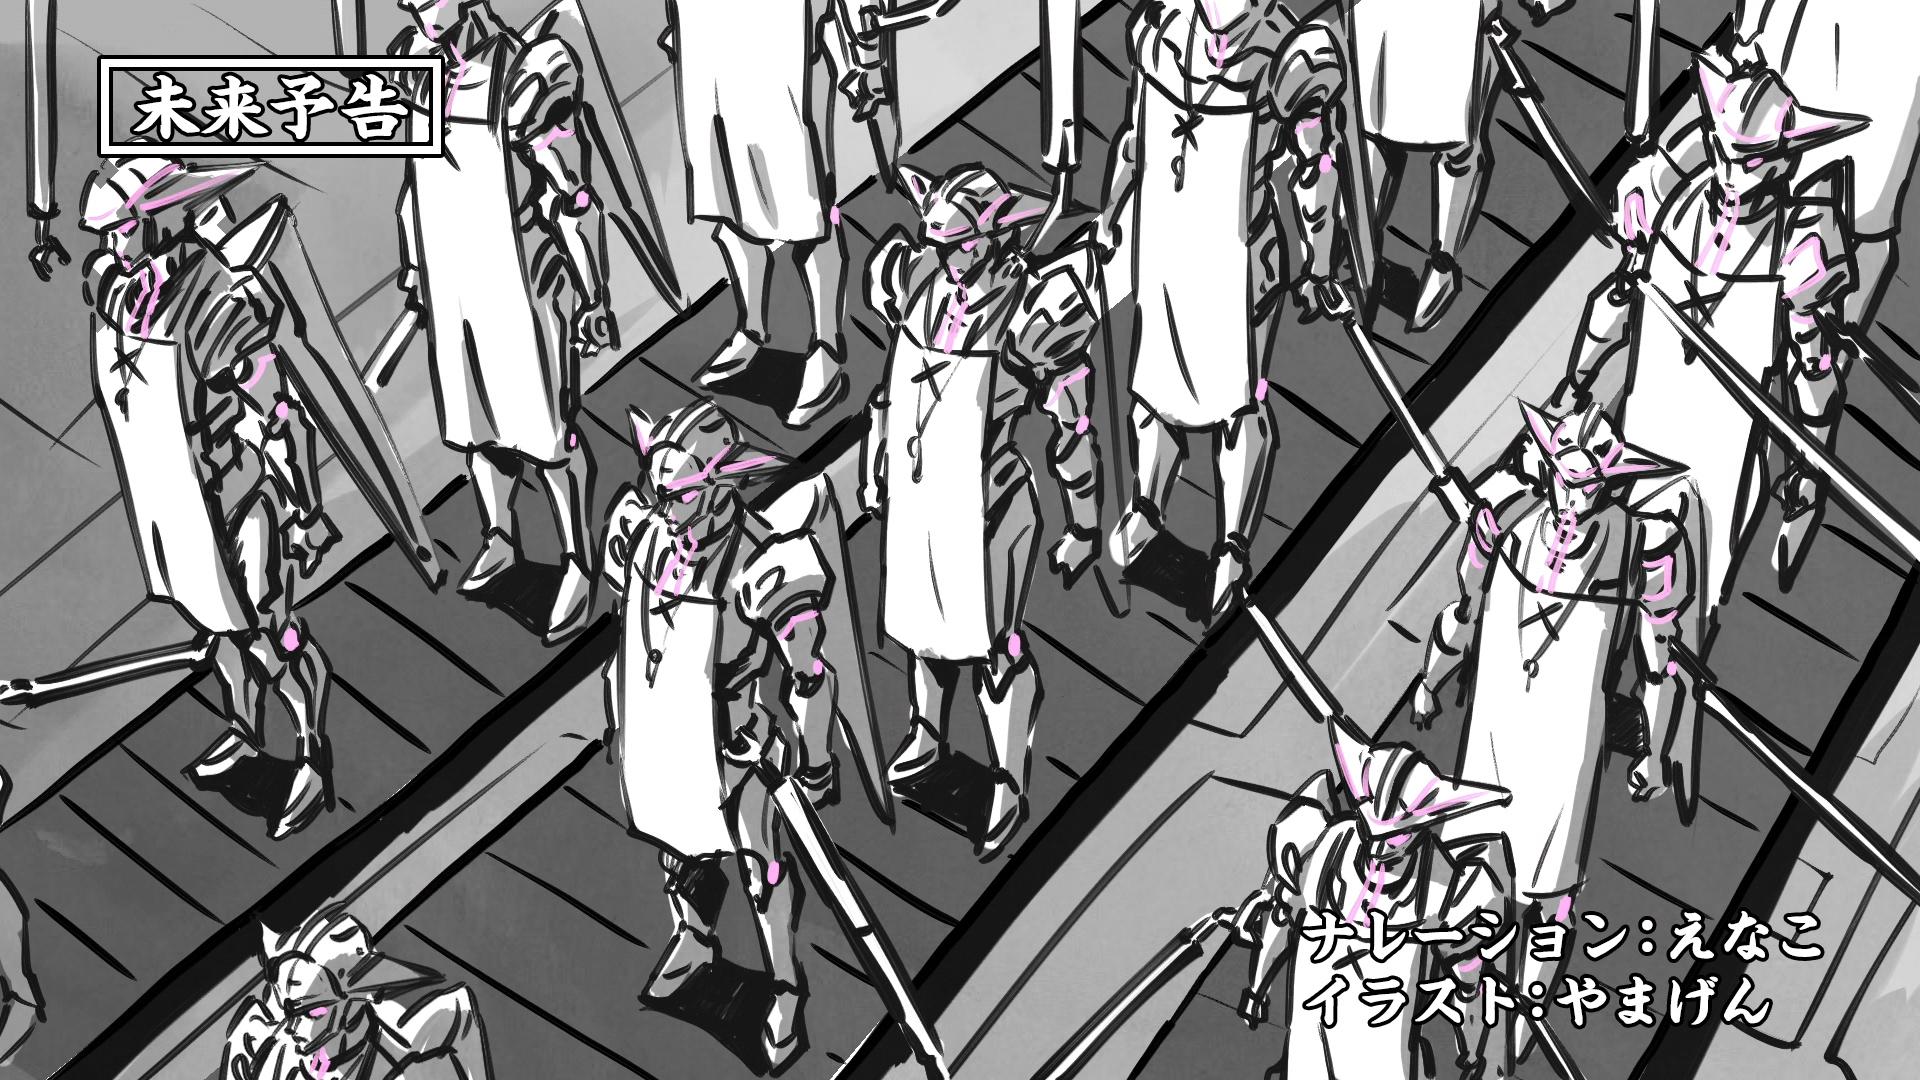 Armor Shop for Ladies & Gentlemen S2 Episode 12 Endcard Yamagen